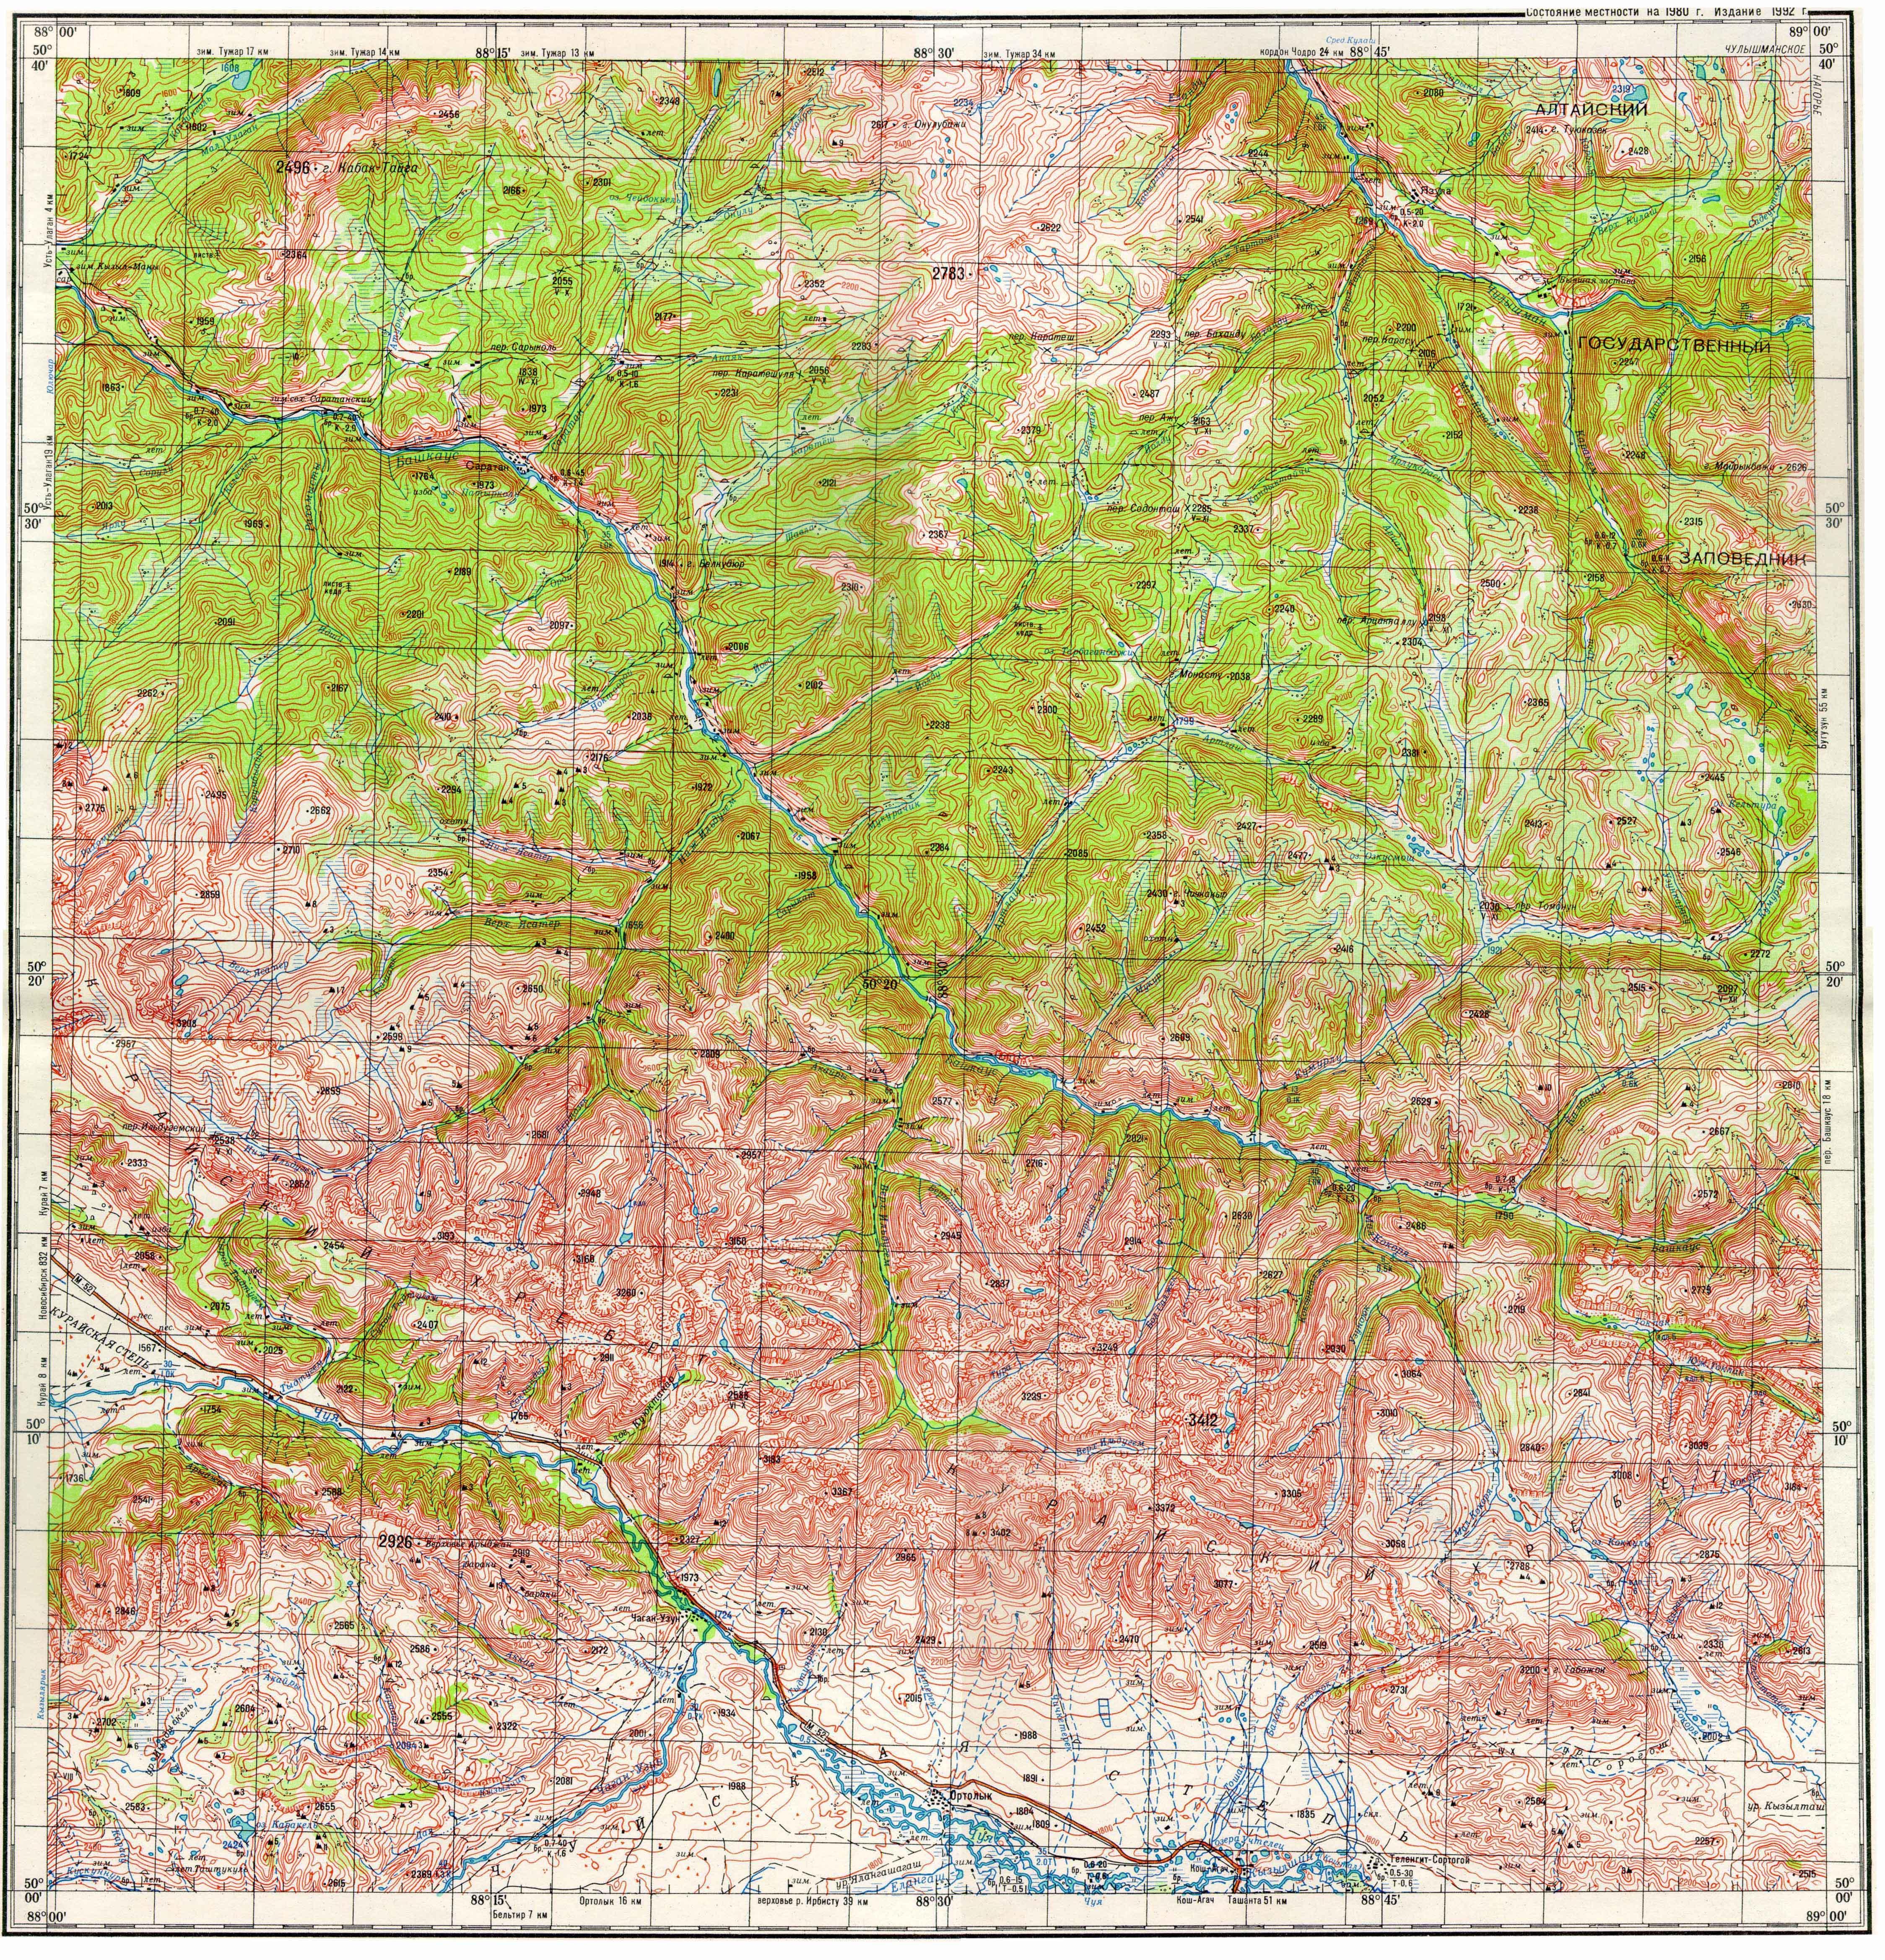 Скачать карту m-45-17 (3416 Kb)